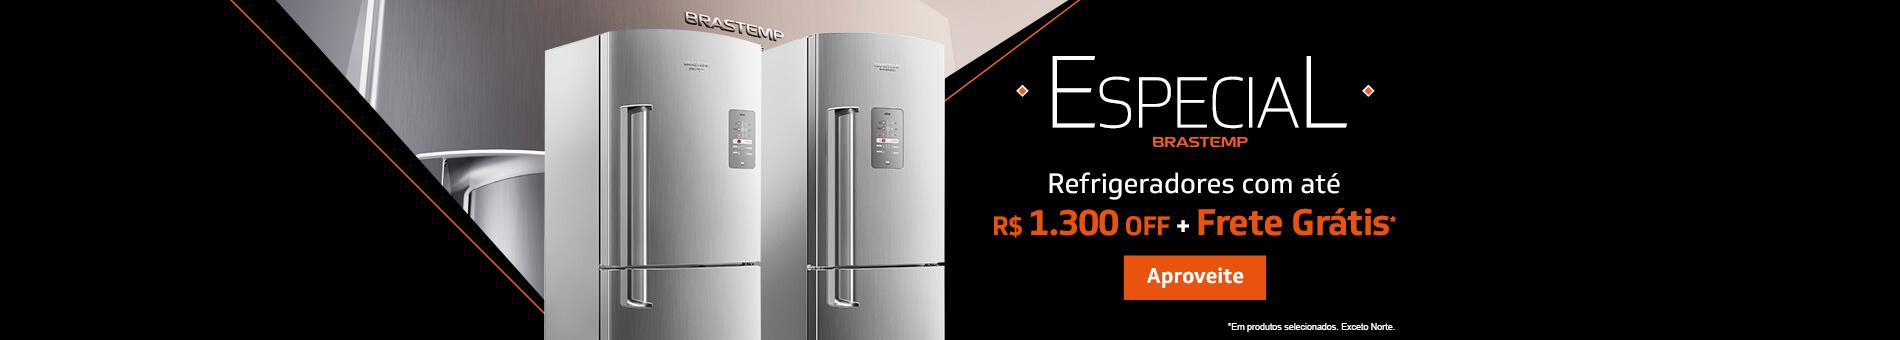 Promoção Interna - 897 - especialbtp_refrigeradores_home2_26092016 - refrigeradores - 2